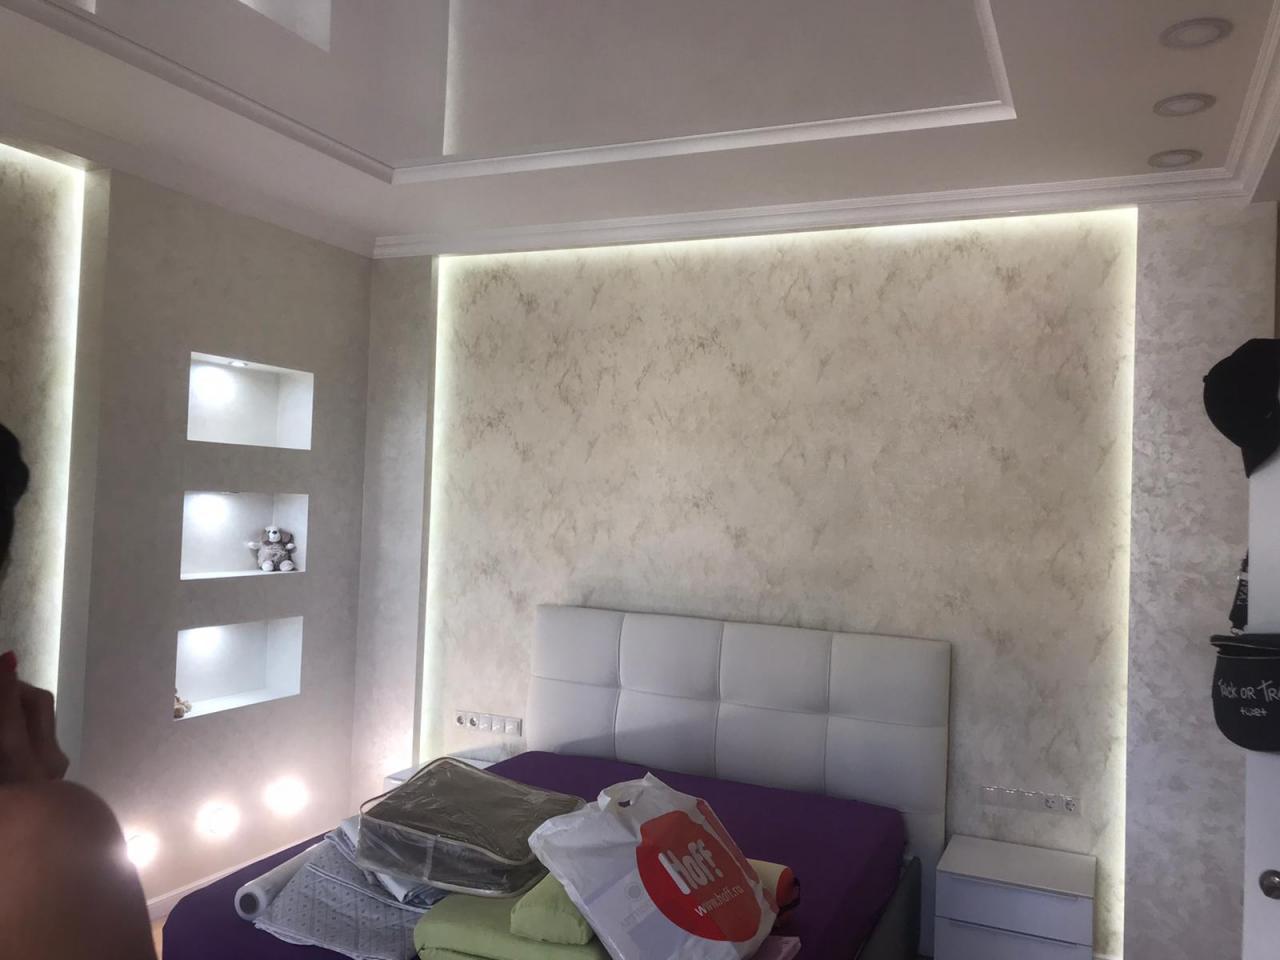 Ремонт квартиры, комнаты, коридора, кухни. Ванная под ключ.   фото 1 из 5